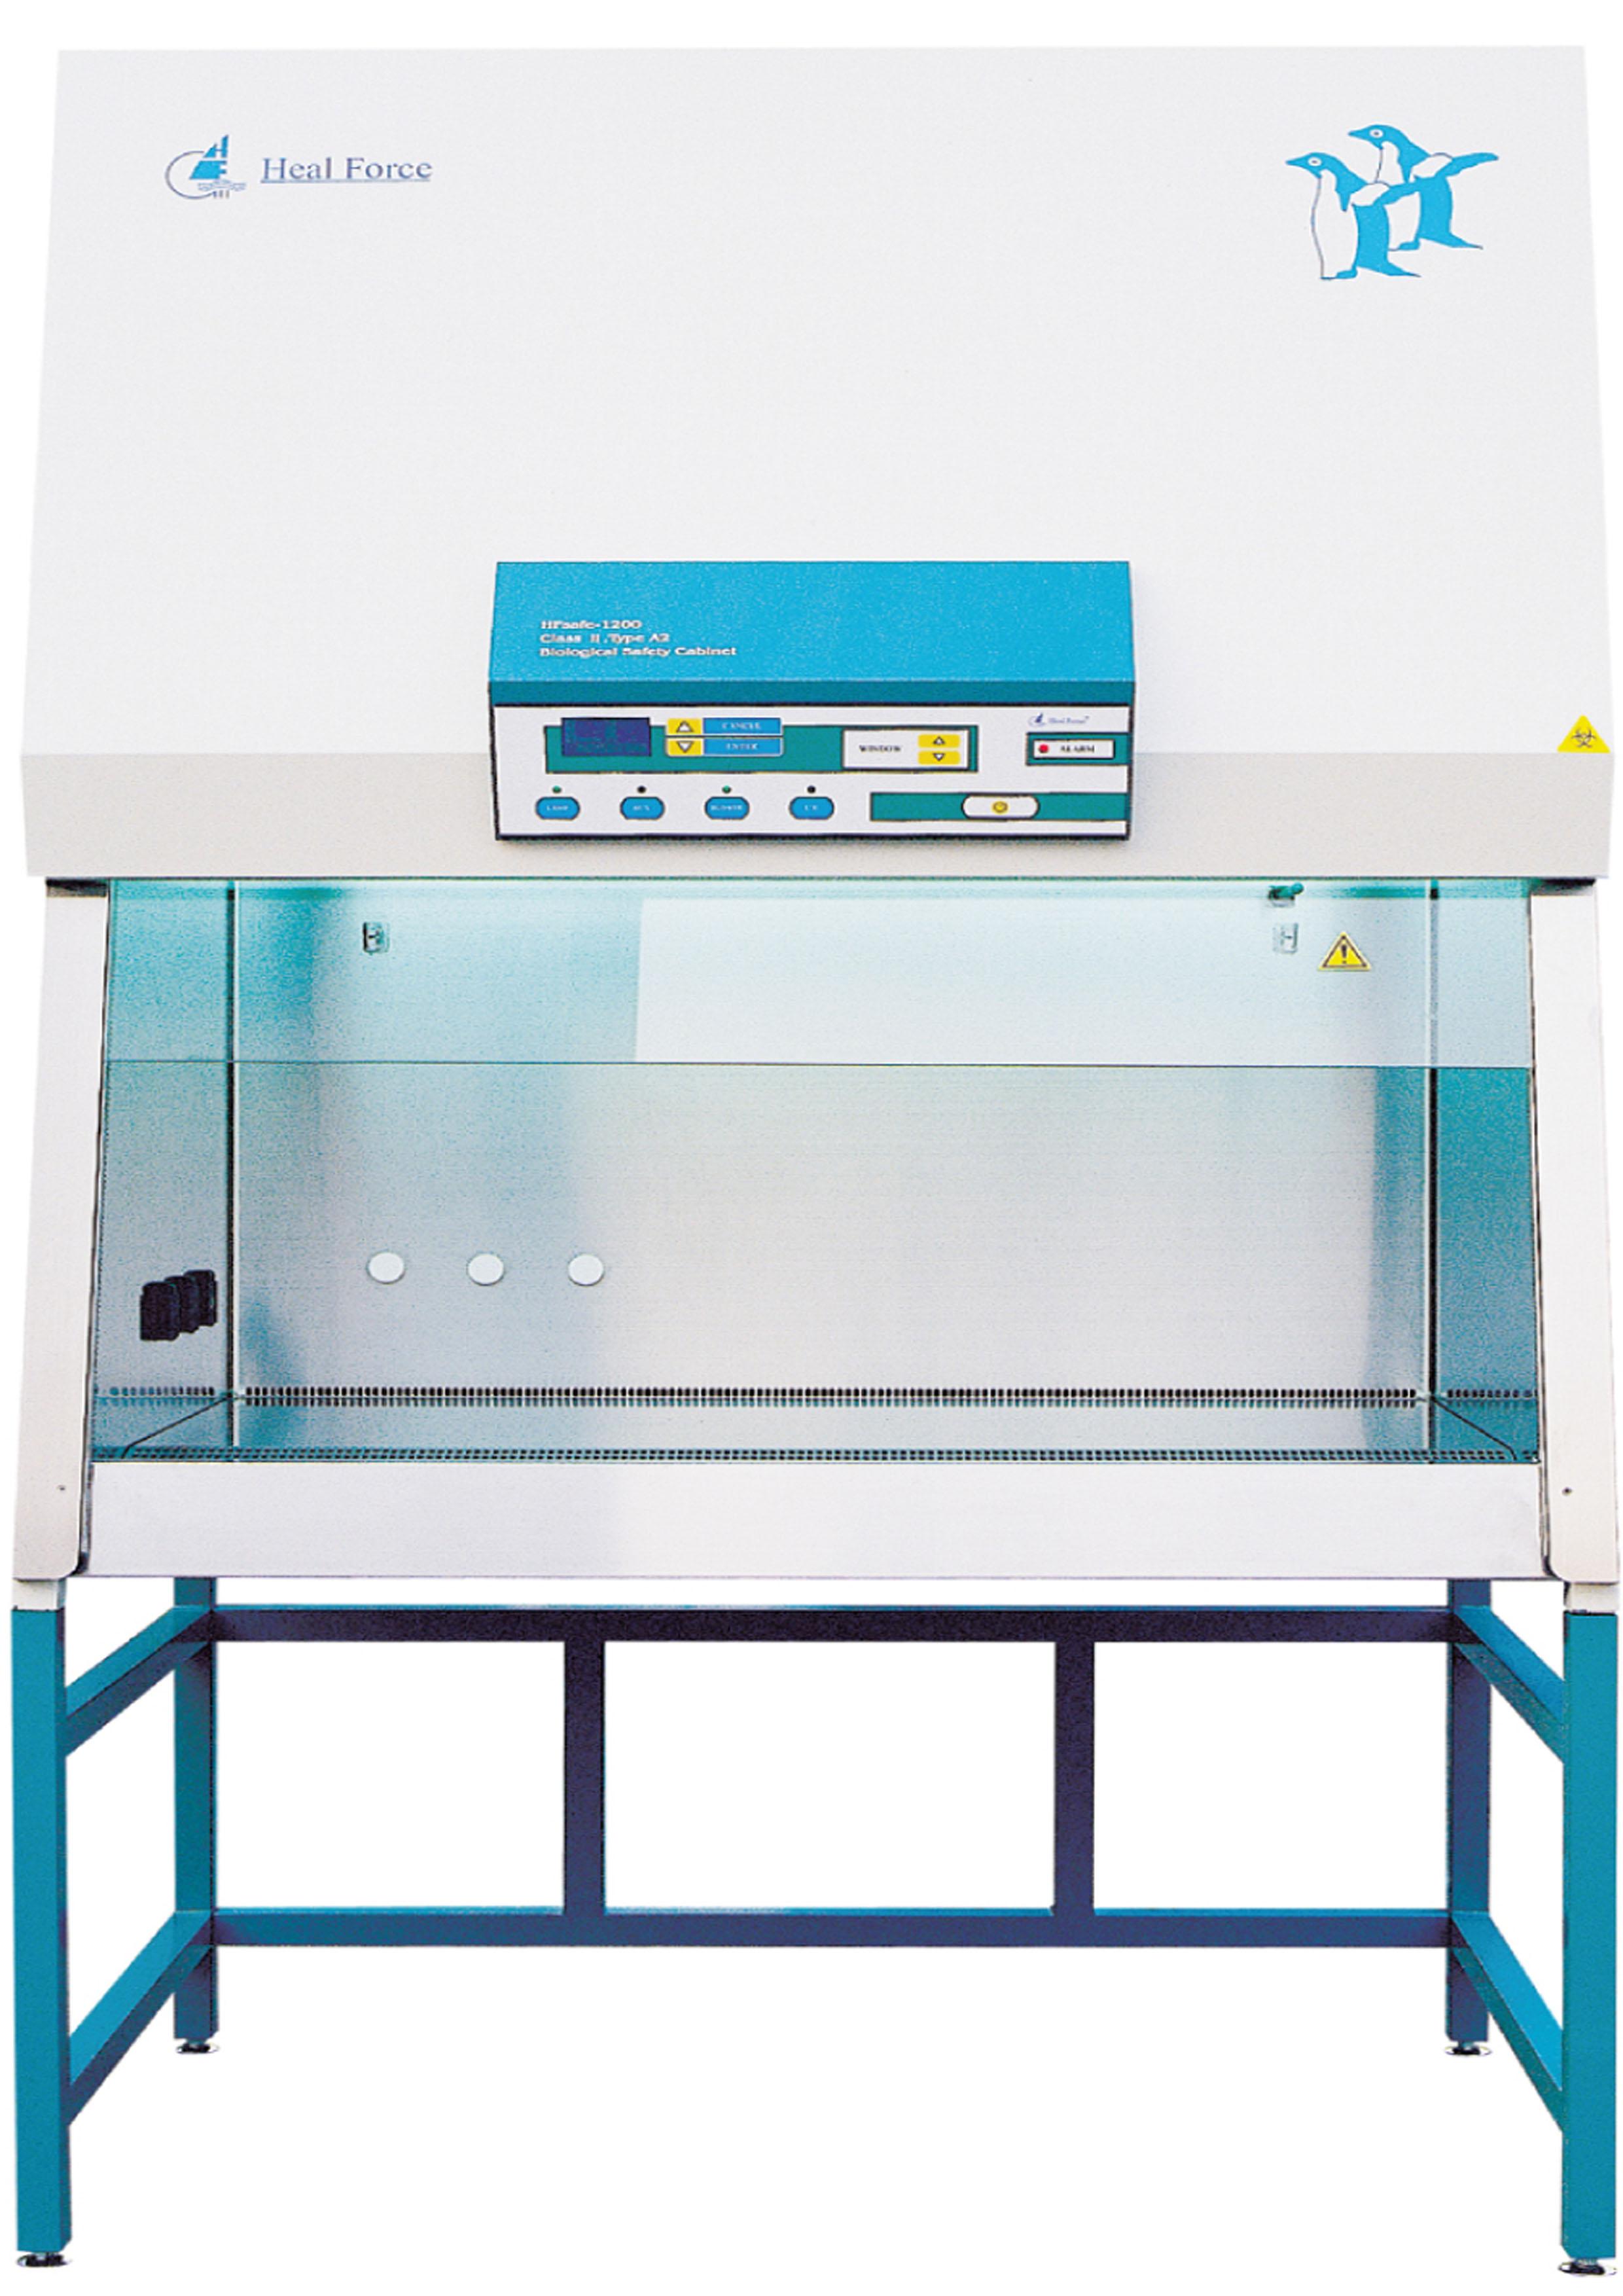 生物安全柜 HF 1800 A2